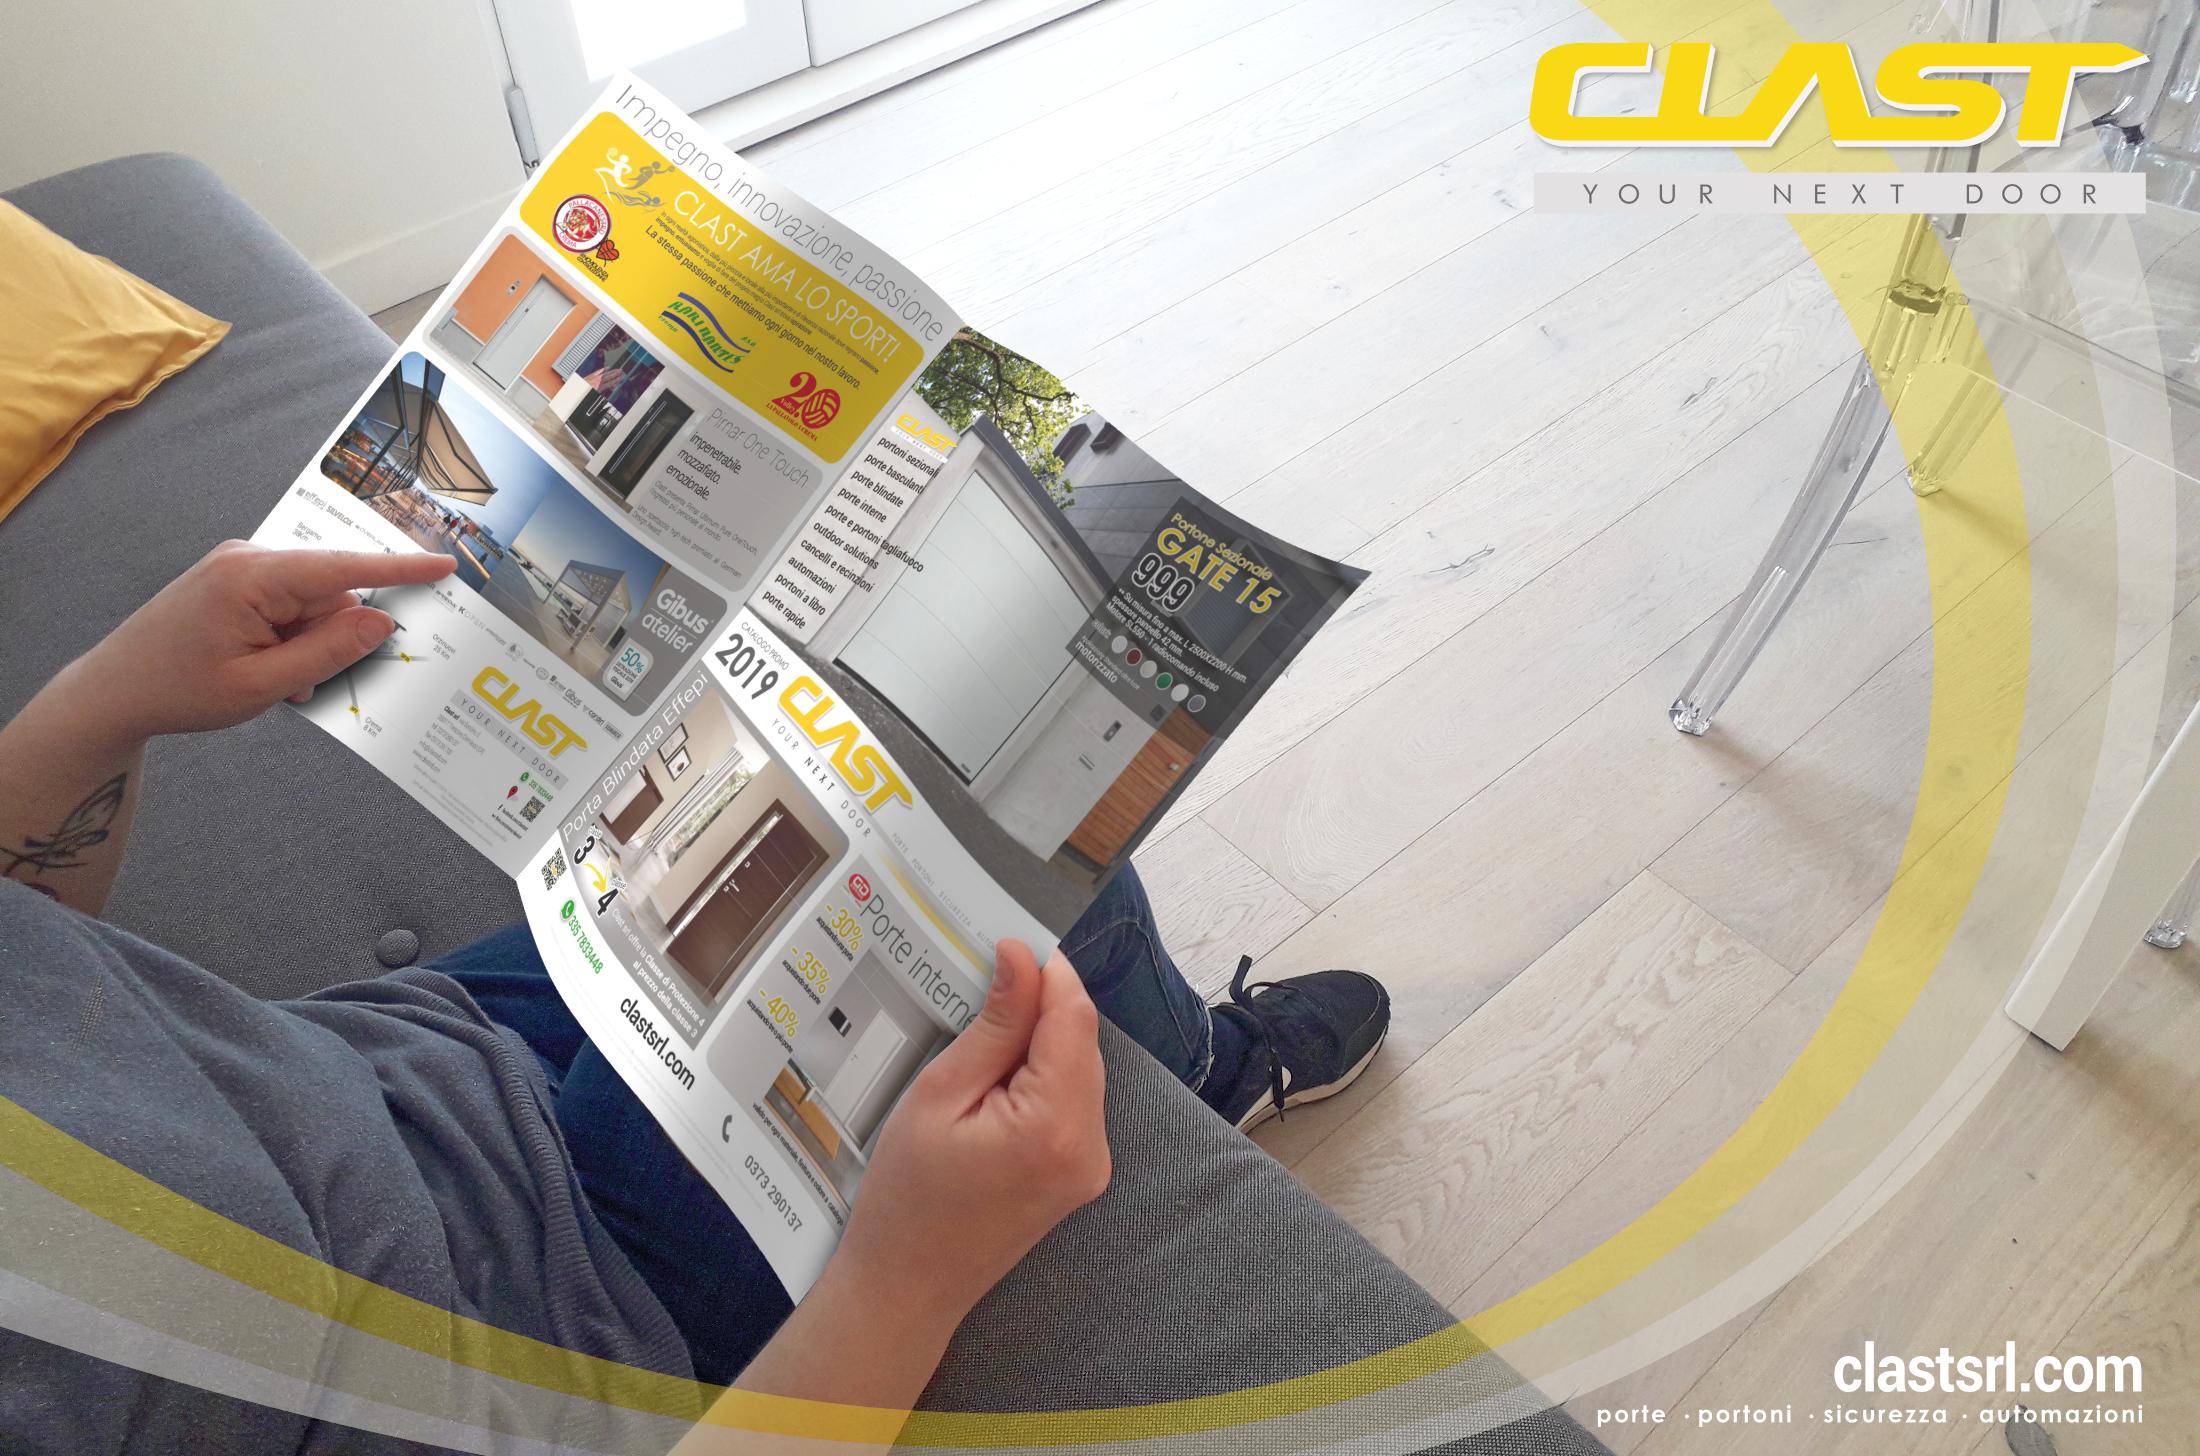 VOL10 Volantino PROMO 2019 | Clast srl: porte, portoni, sicurezza, cancelli, automazioni. Via Soncino 5, Trescore Cremasco